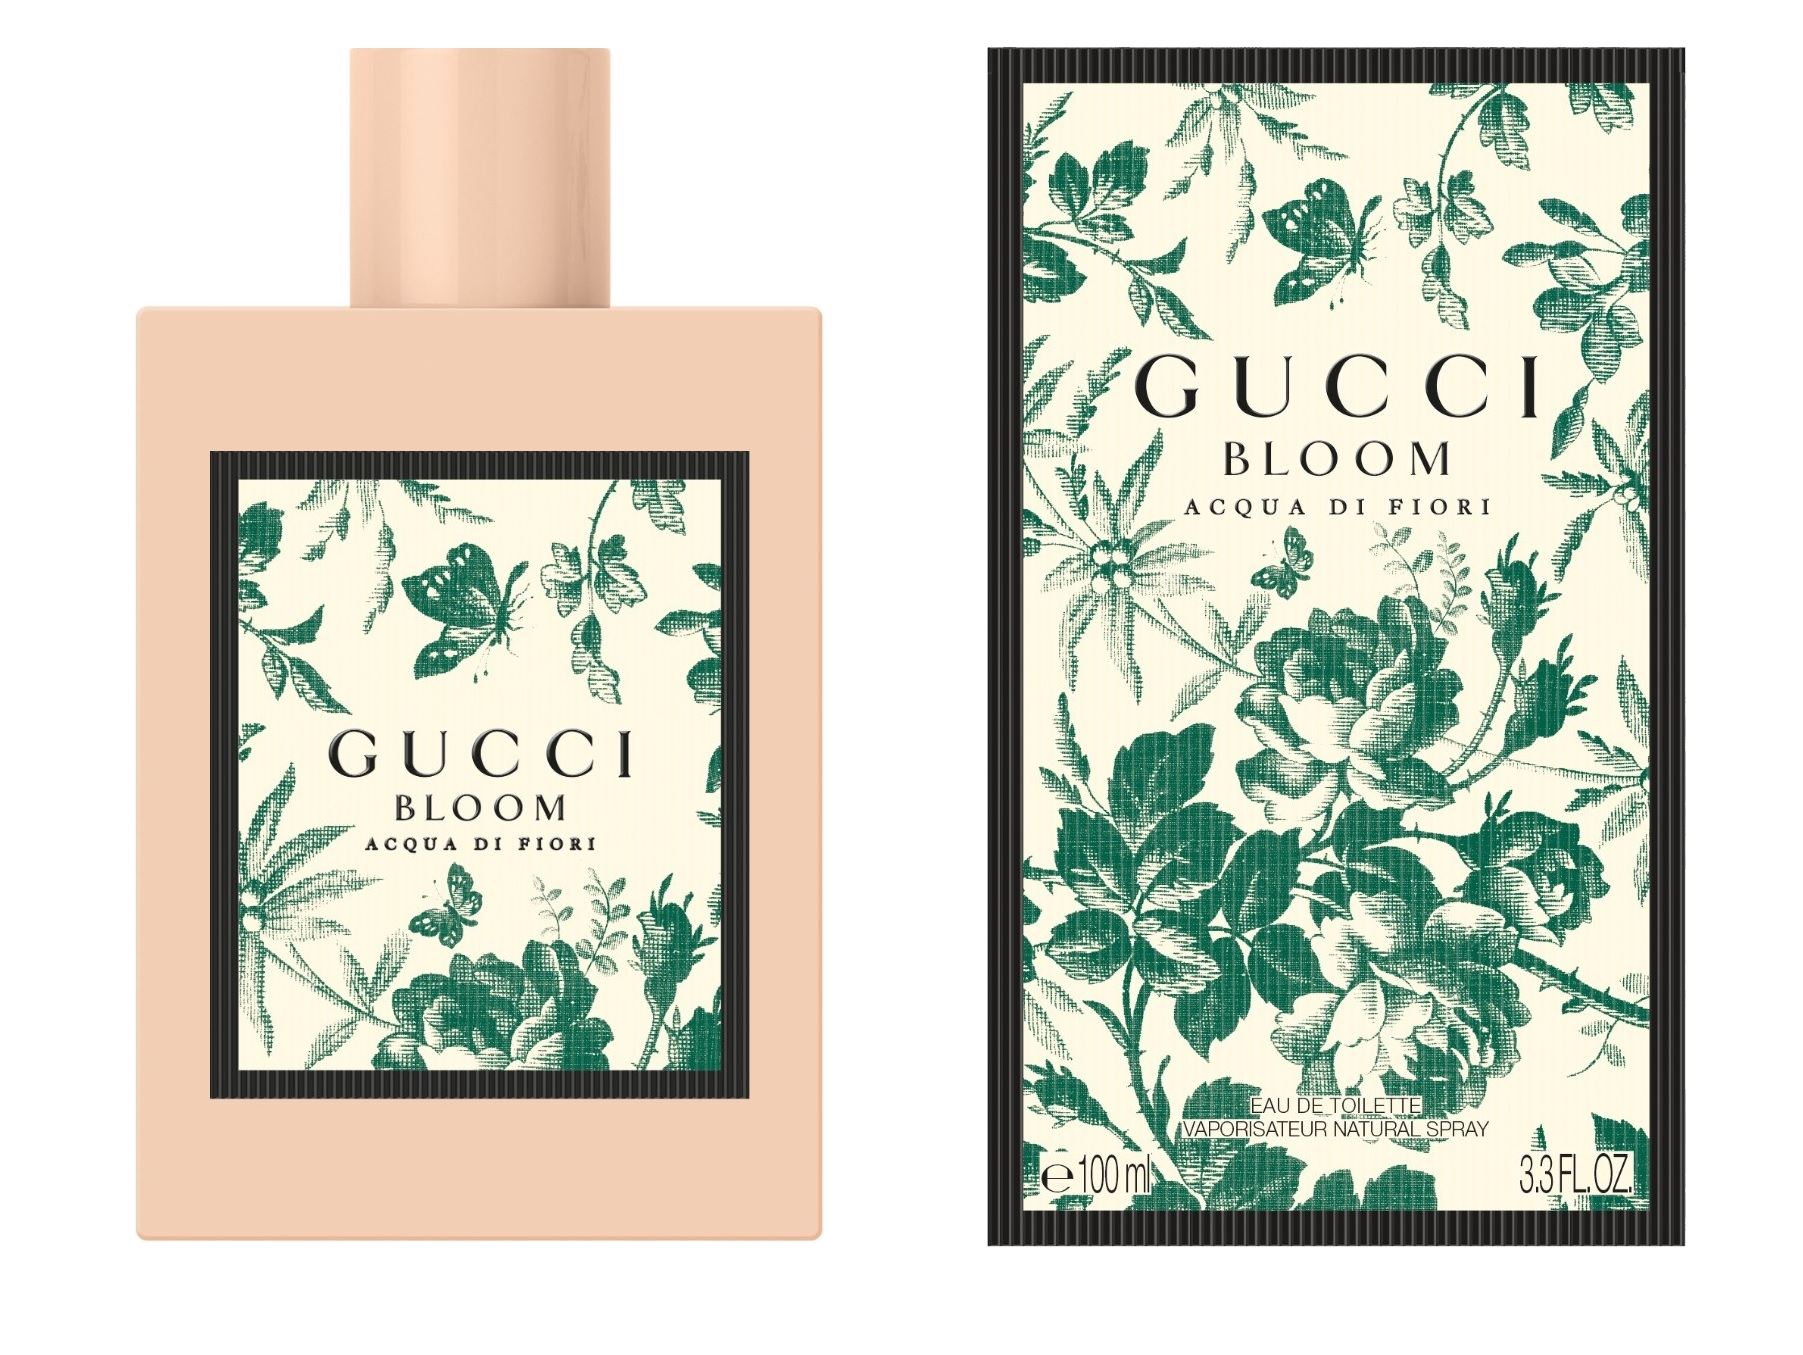 fc3eadc6d1 Gucci Bloom Acqua di Fiori Gucci parfem - novi parfem za žene 2018